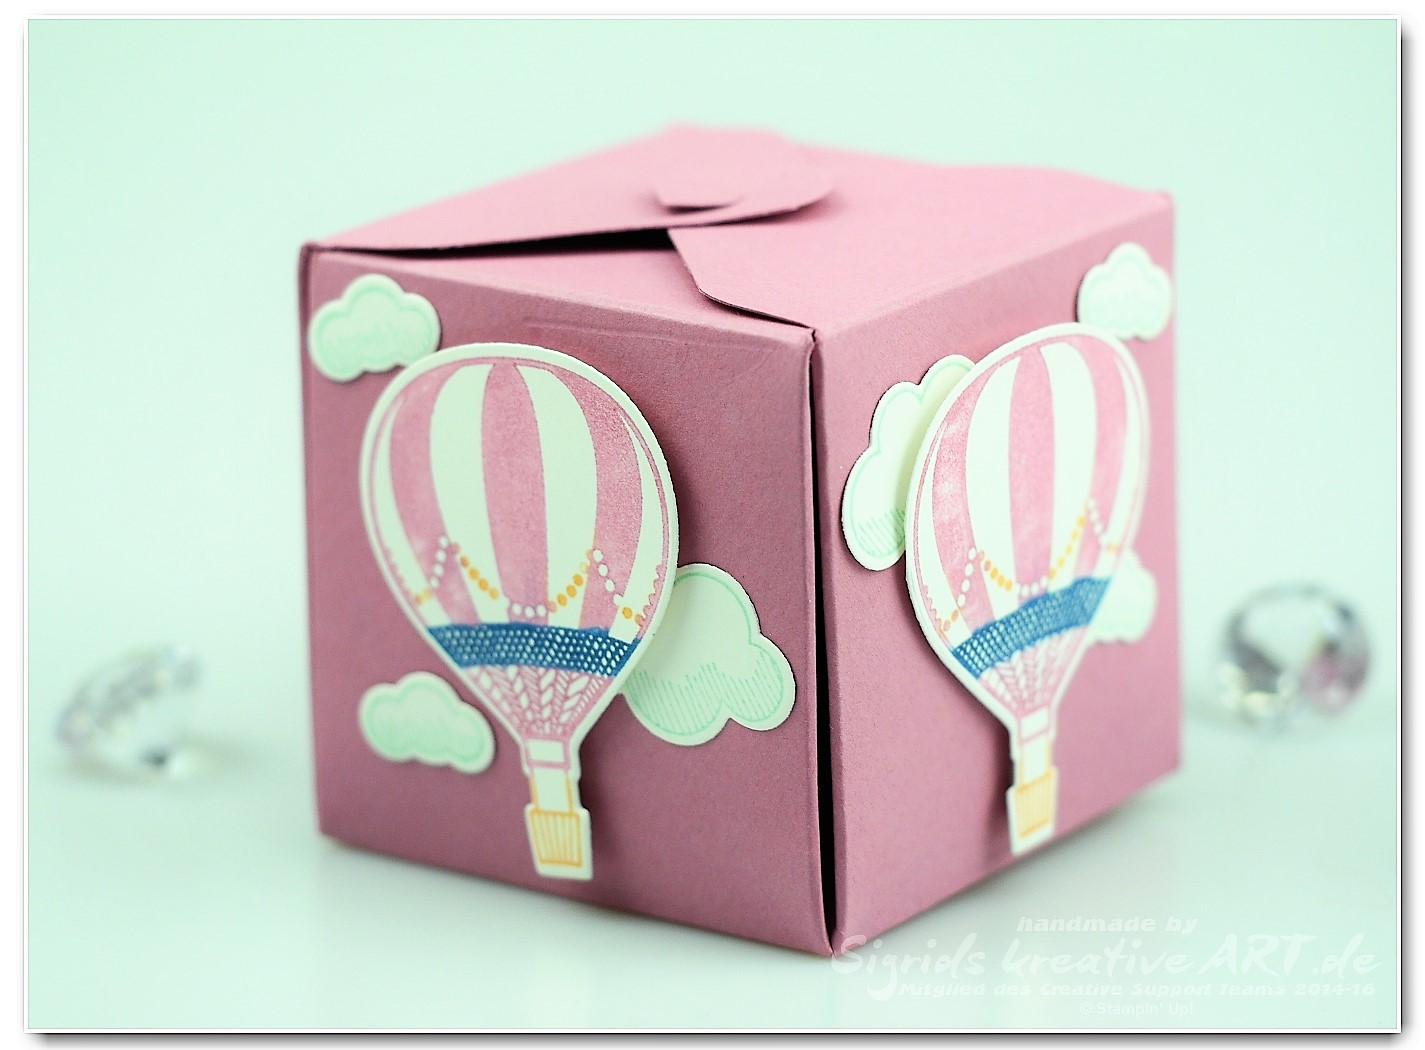 tinlits-in-den-wolken-abgehoben Stampin Up aus Papier Hand im Glück